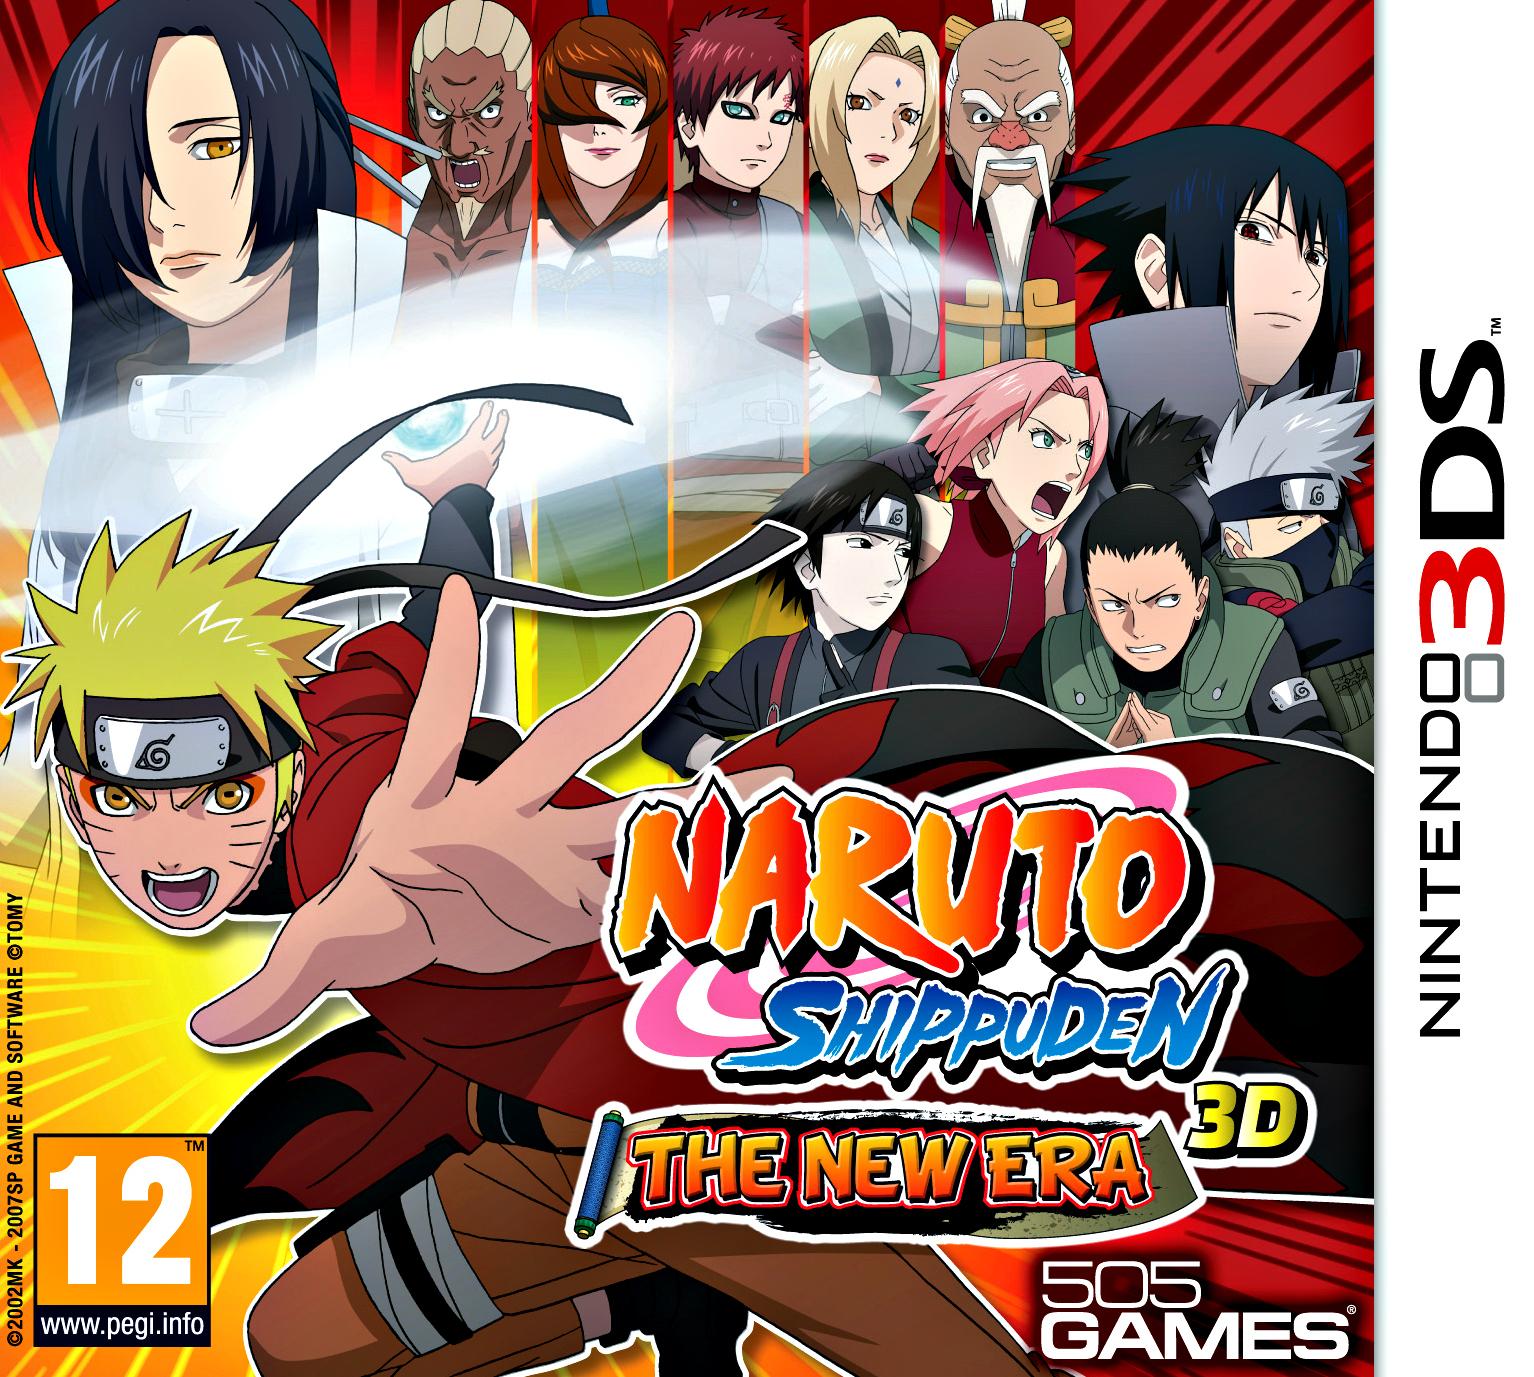 Naruto Shippûden 3D: The New Era